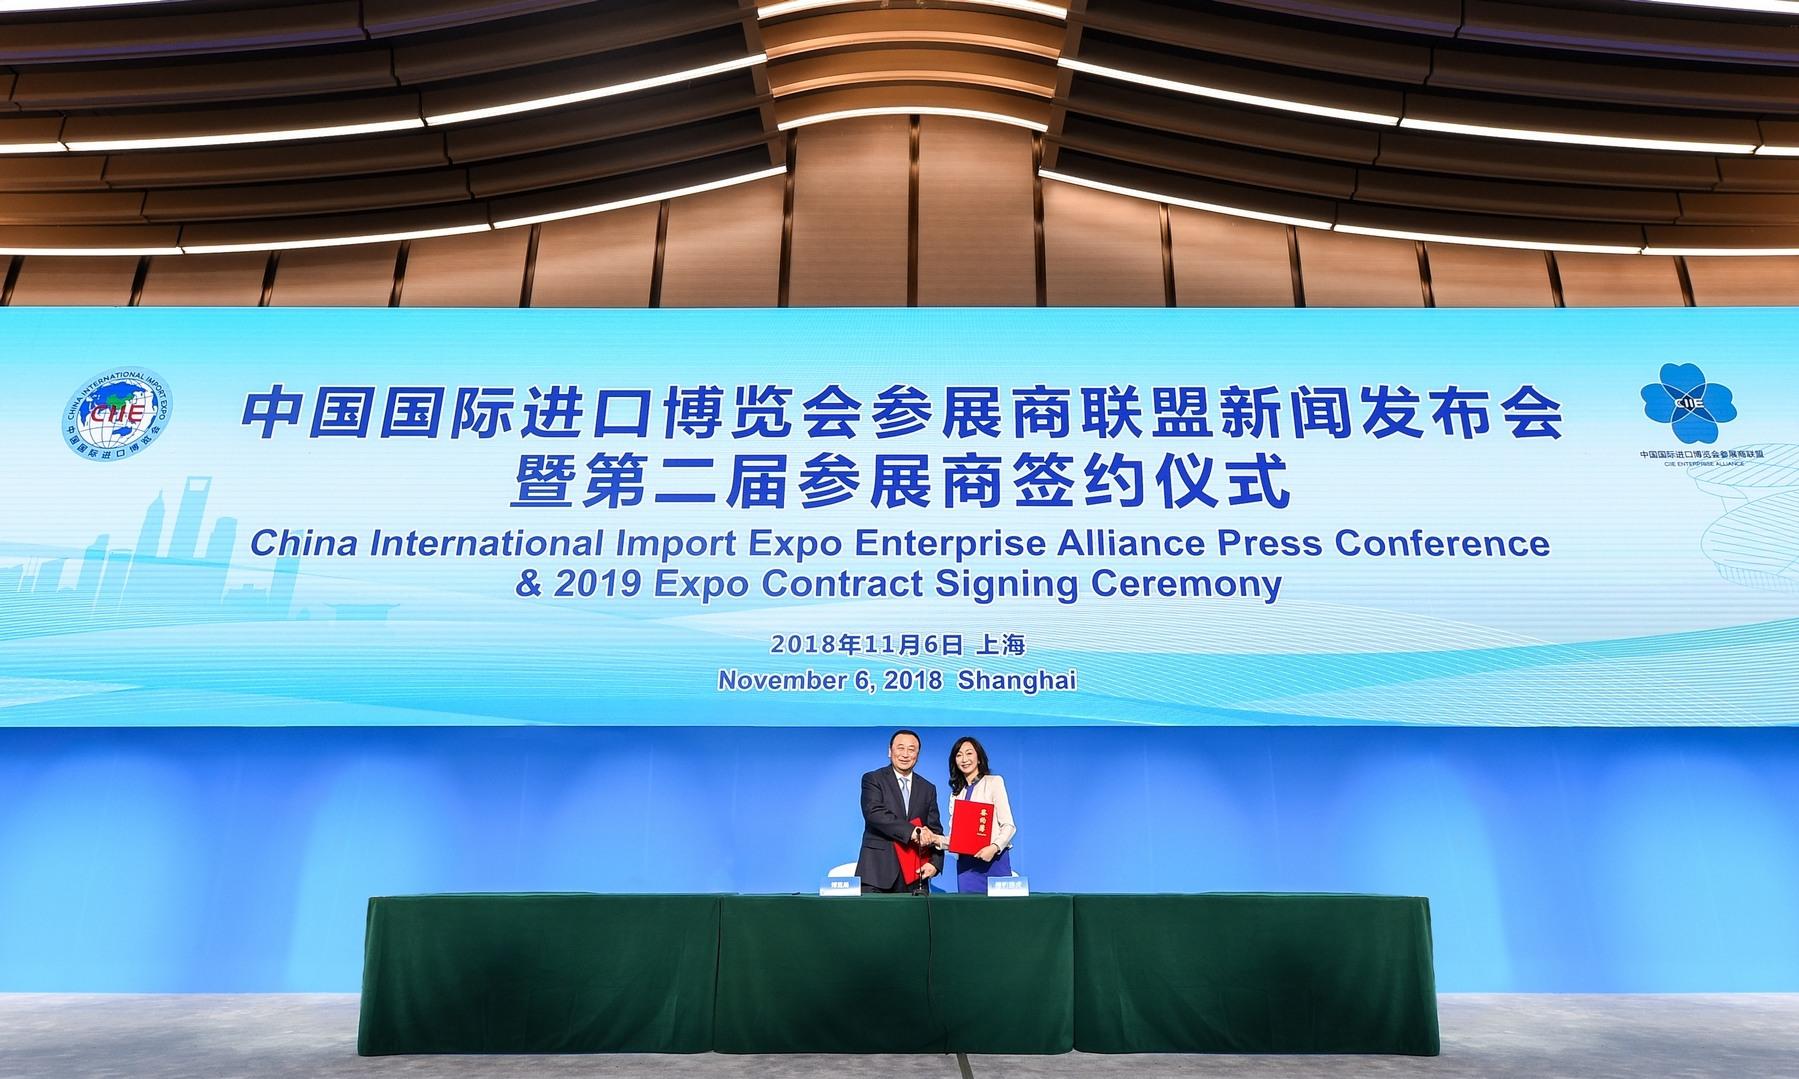 志在中国智驱未来捷豹路虎亮相首届中国国际进口博览会_凤凰彩票